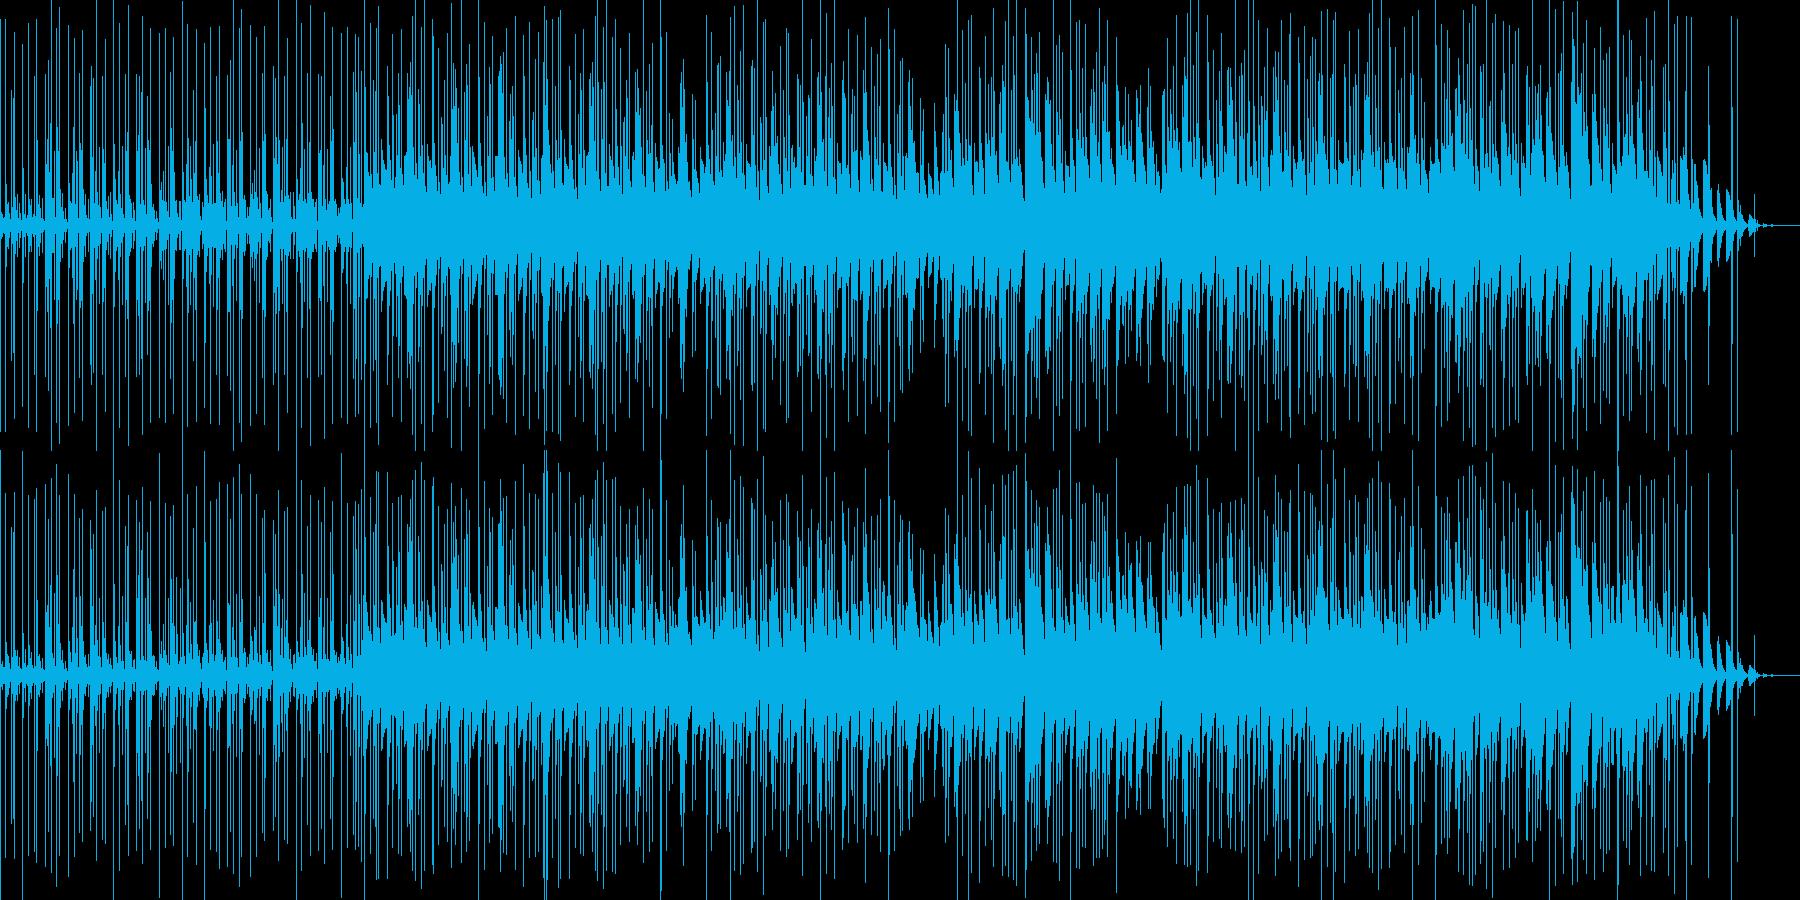 少しjazzyなbreakbeatsの再生済みの波形